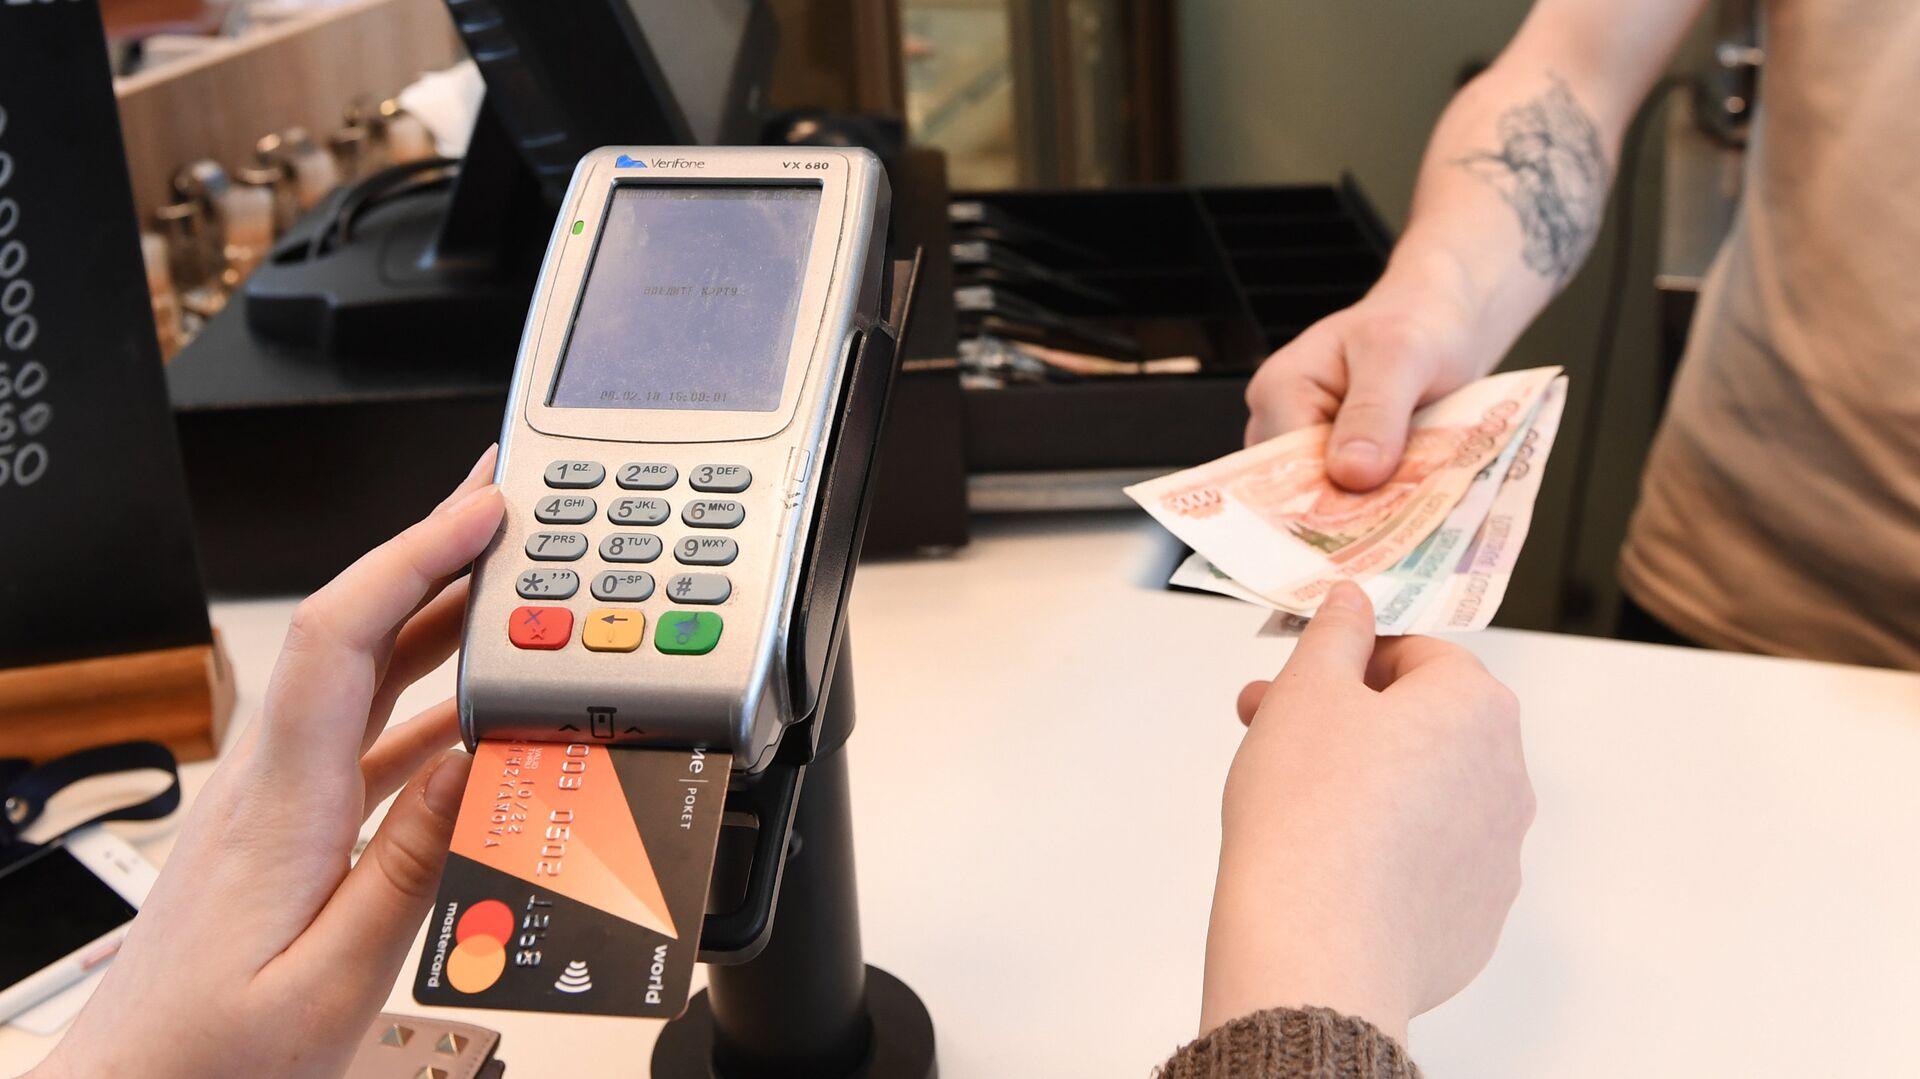 Расчет за заказ в кафе через терминал оплаты банковскими картами - РИА Новости, 1920, 21.11.2020